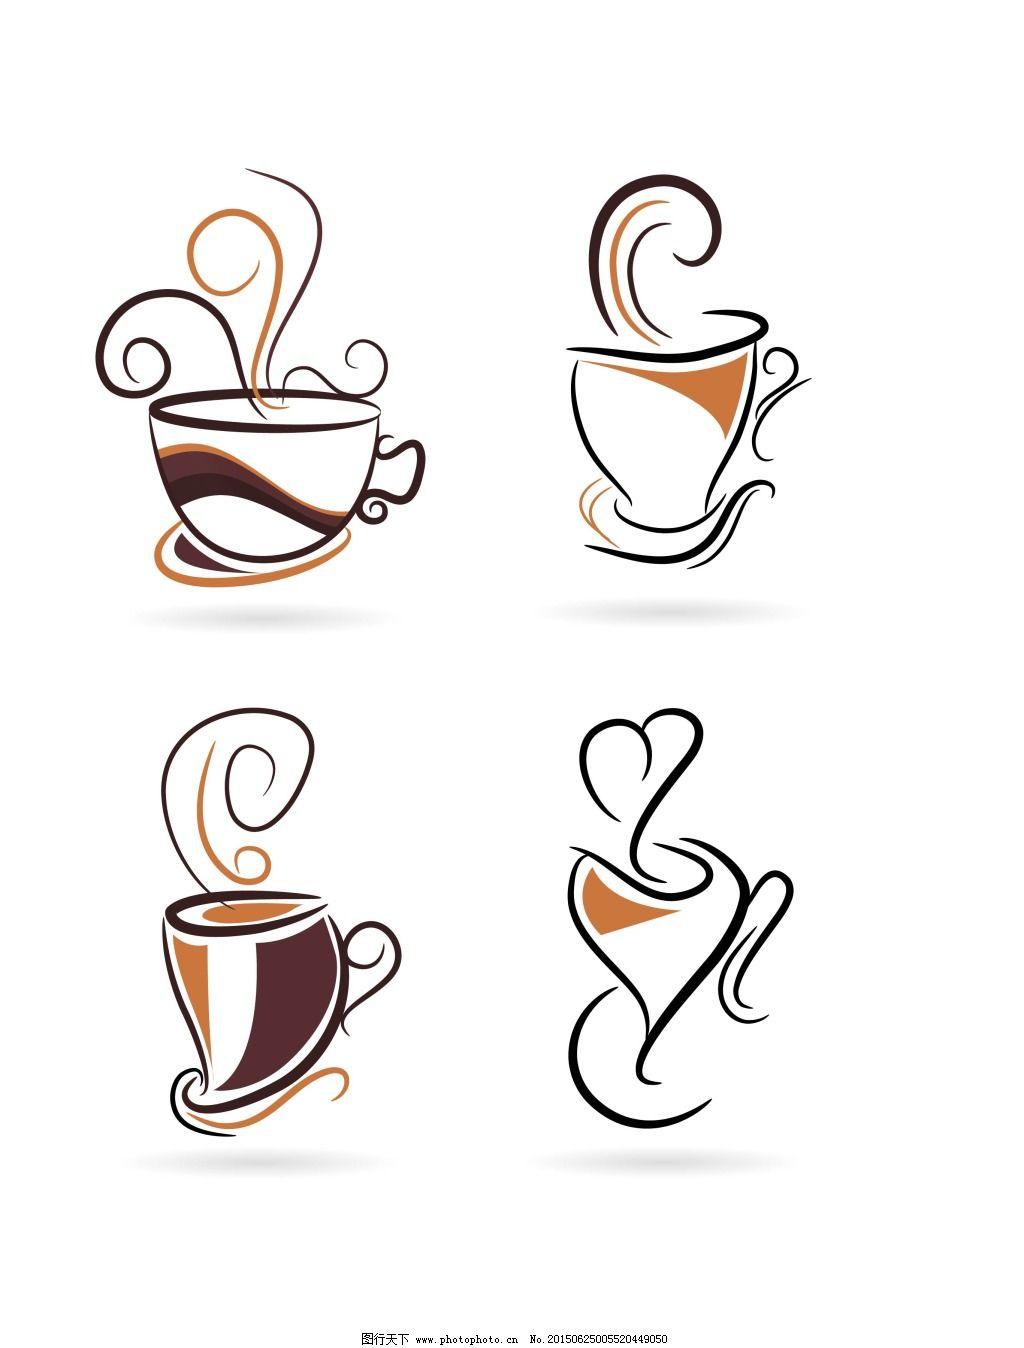 线描咖啡杯免费下载 杯子 咖啡 图形 线描 线描 咖啡 杯子 图形 矢量图片